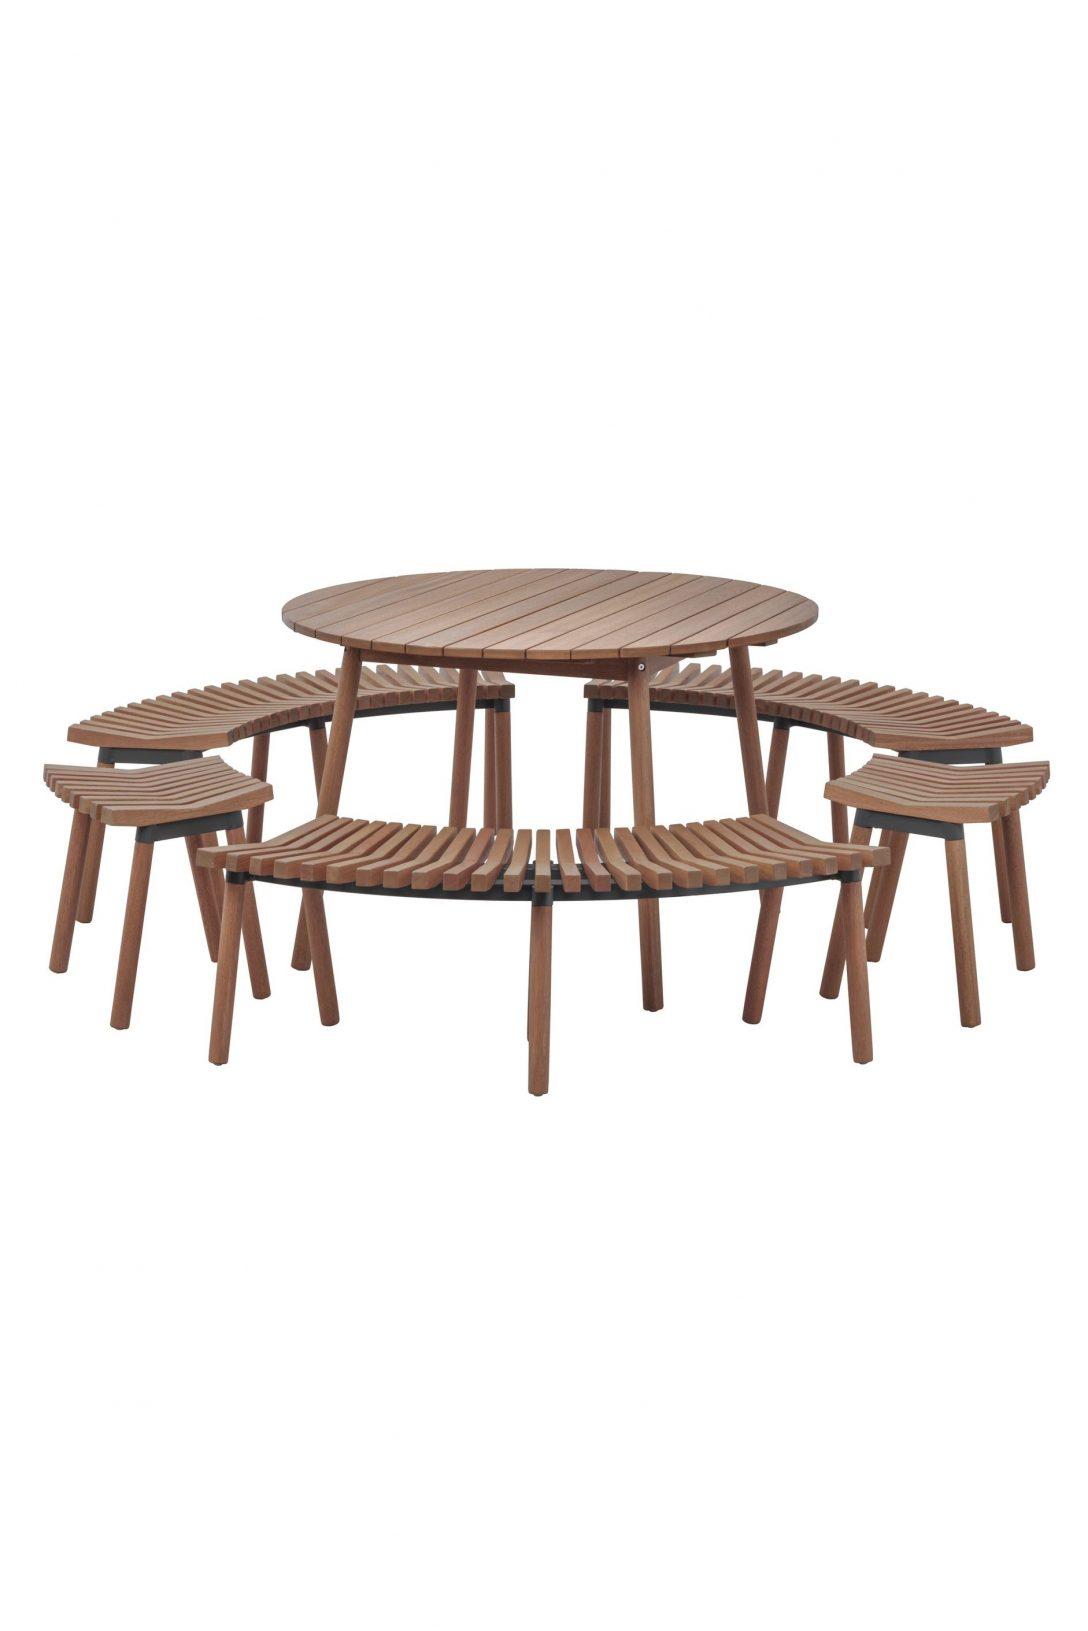 Large Size of Ikea Deutschland Aus Robustem Eukalyptus Gefertigt Küche Kaufen Sofa Mit Schlaffunktion Kosten Modulküche Betten 160x200 Miniküche Bei Wohnzimmer Ikea Gartentisch